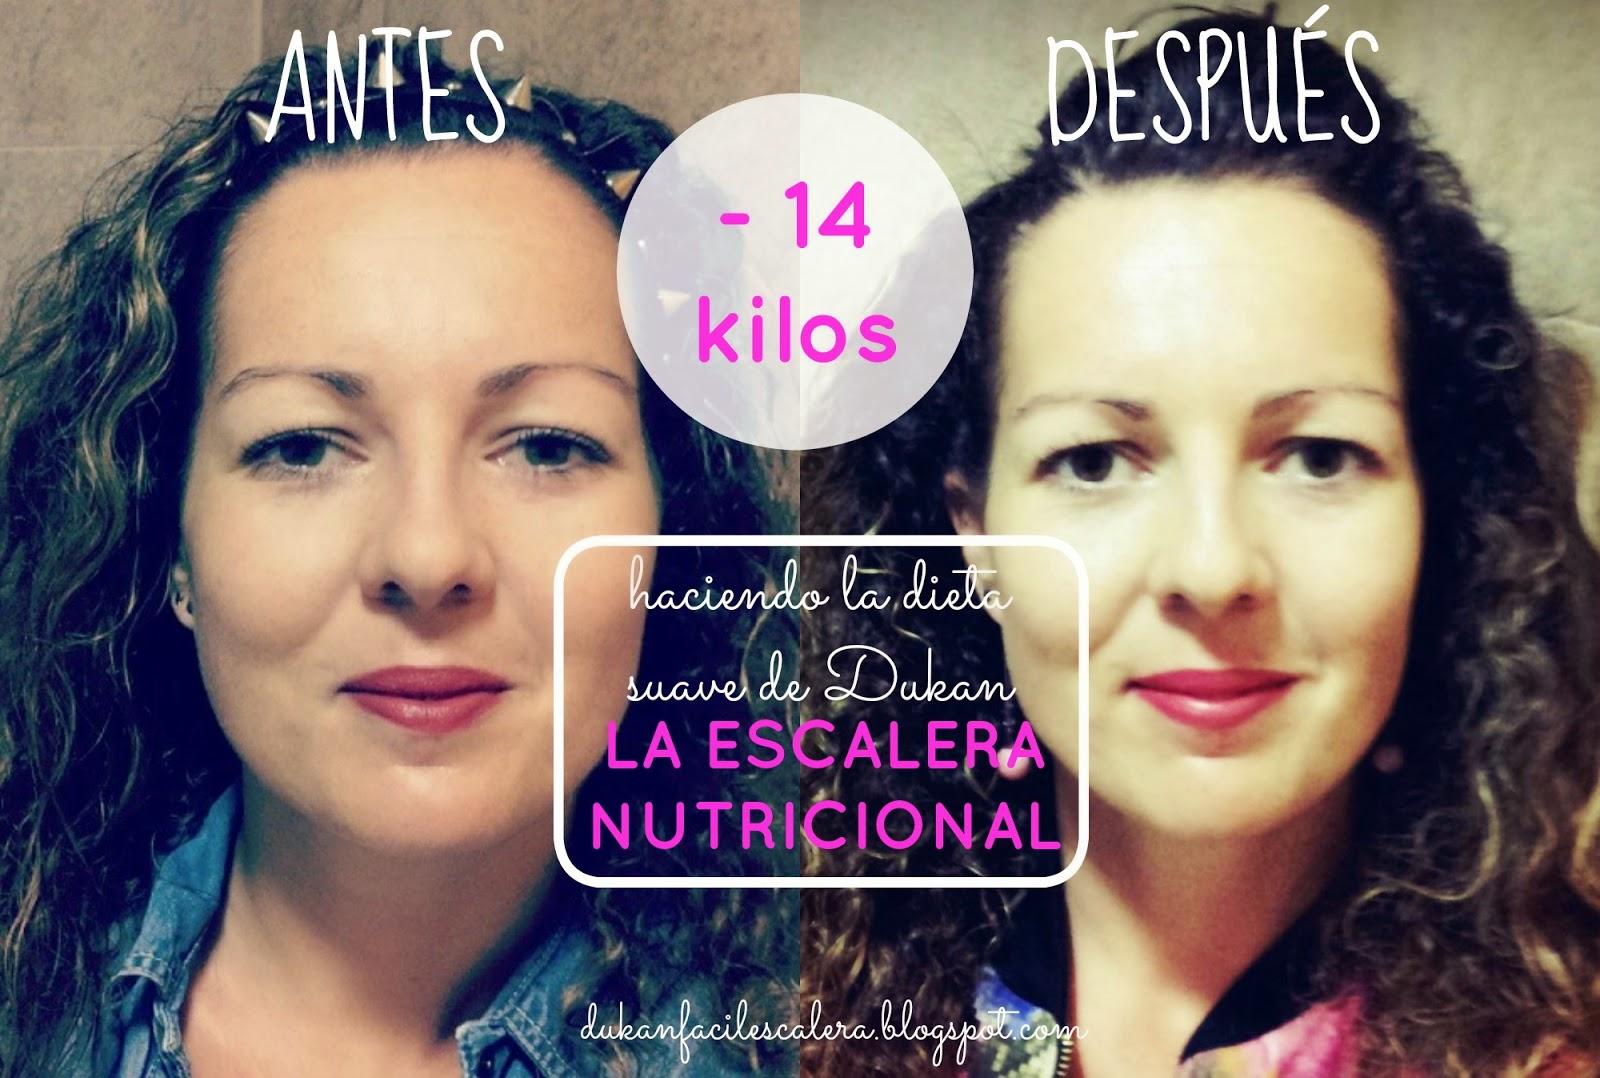 El antes y después de mi perdida de peso,adelgazando equilibradamente con fotos reales haciendo la nueva dieta suave de Dukan , La Escalera Nutricional.